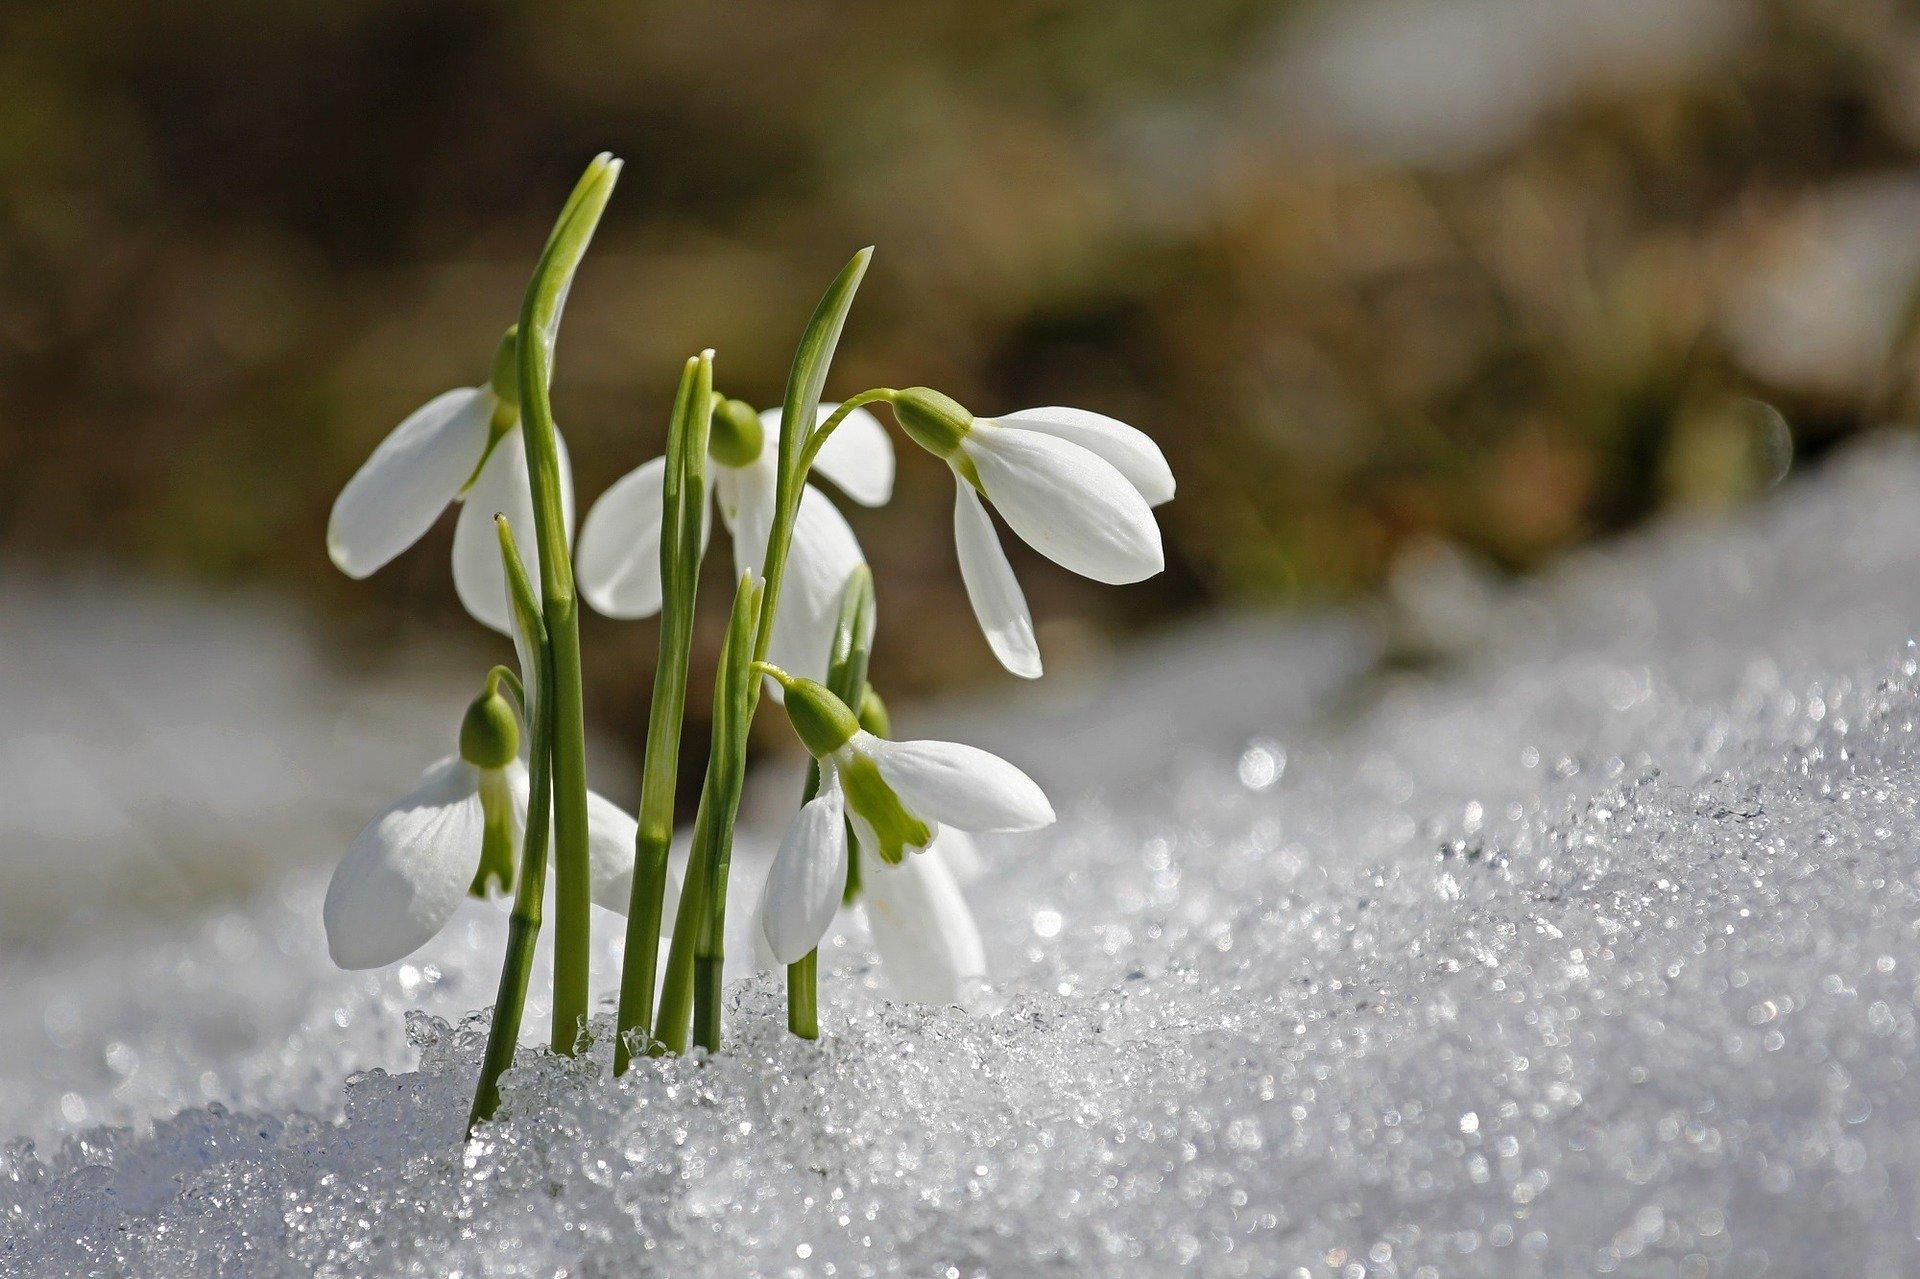 Zagadki o kwiatkach wiosną